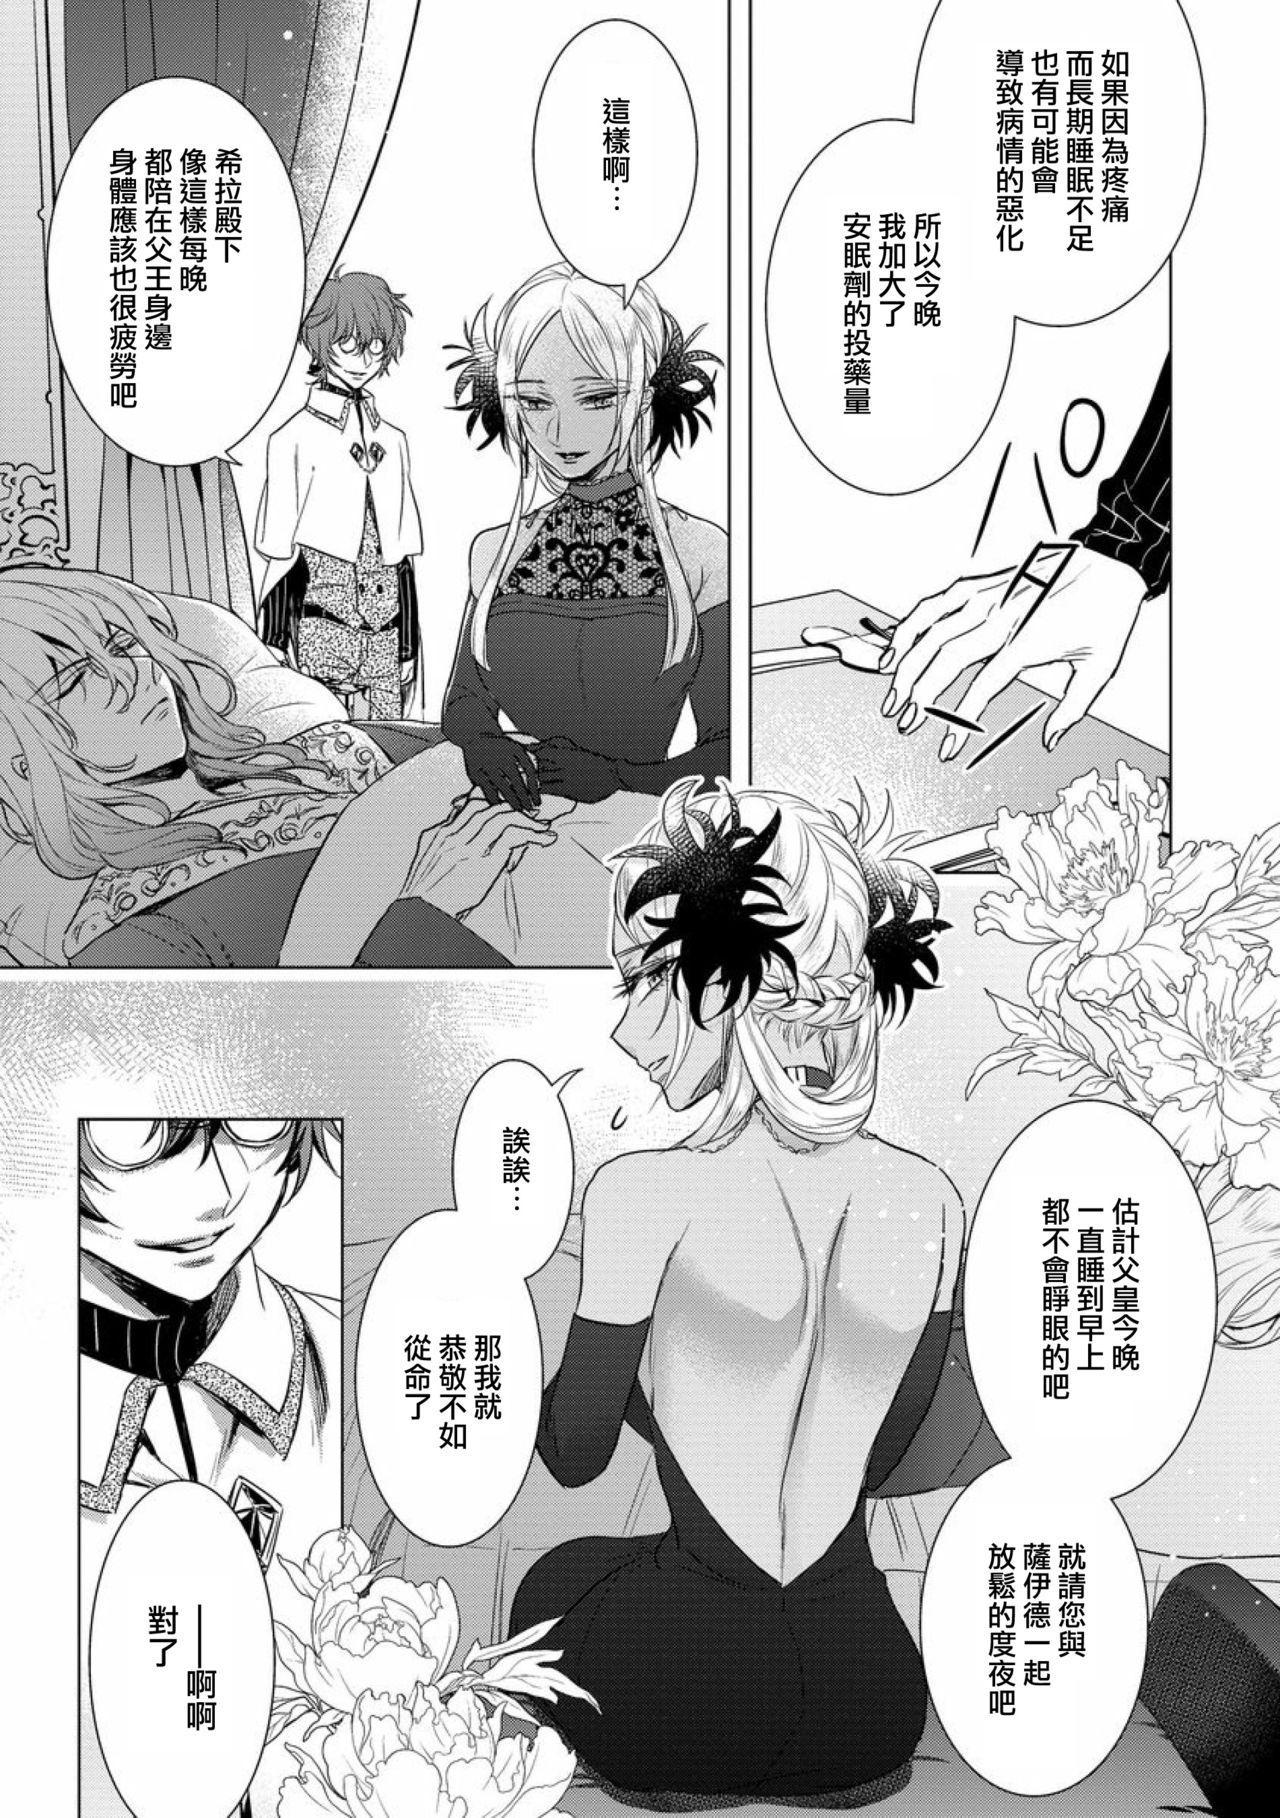 [Saotome Mokono] Kyououji no Ibitsu na Shuuai ~Nyotaika Knight no Totsukitooka~ Ch. 12 [Chinese] [瑞树汉化组] [Digital] 6